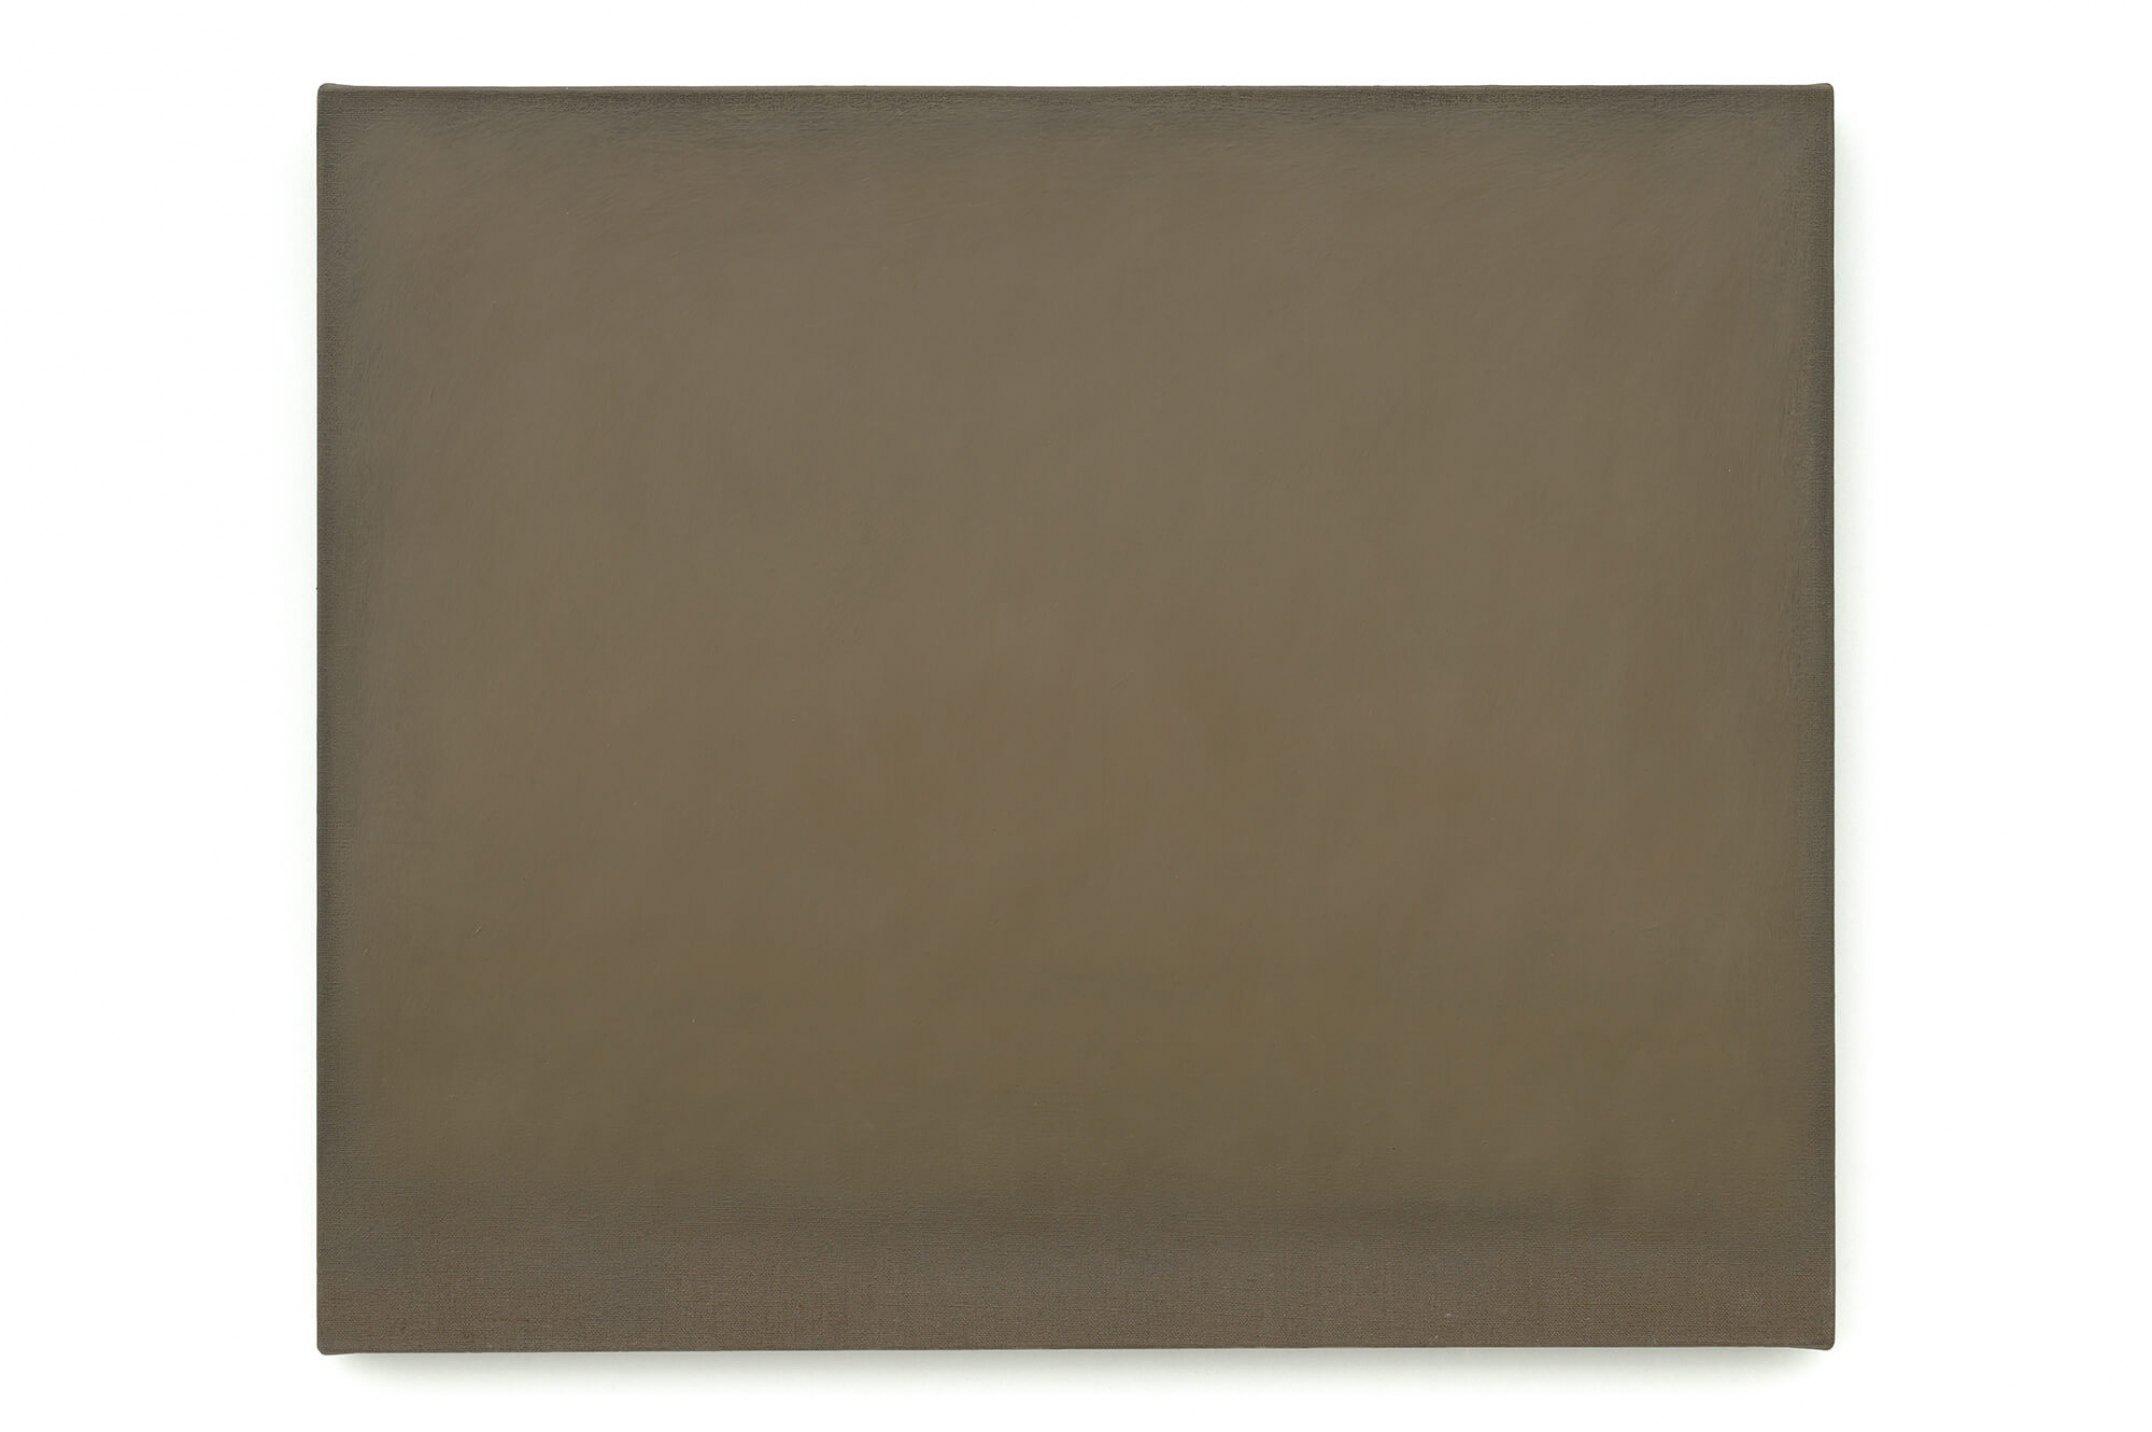 Lucas Arruda, u<em>ntitled</em>, 2015, oil on canvas, 30× 37 cm - Mendes Wood DM